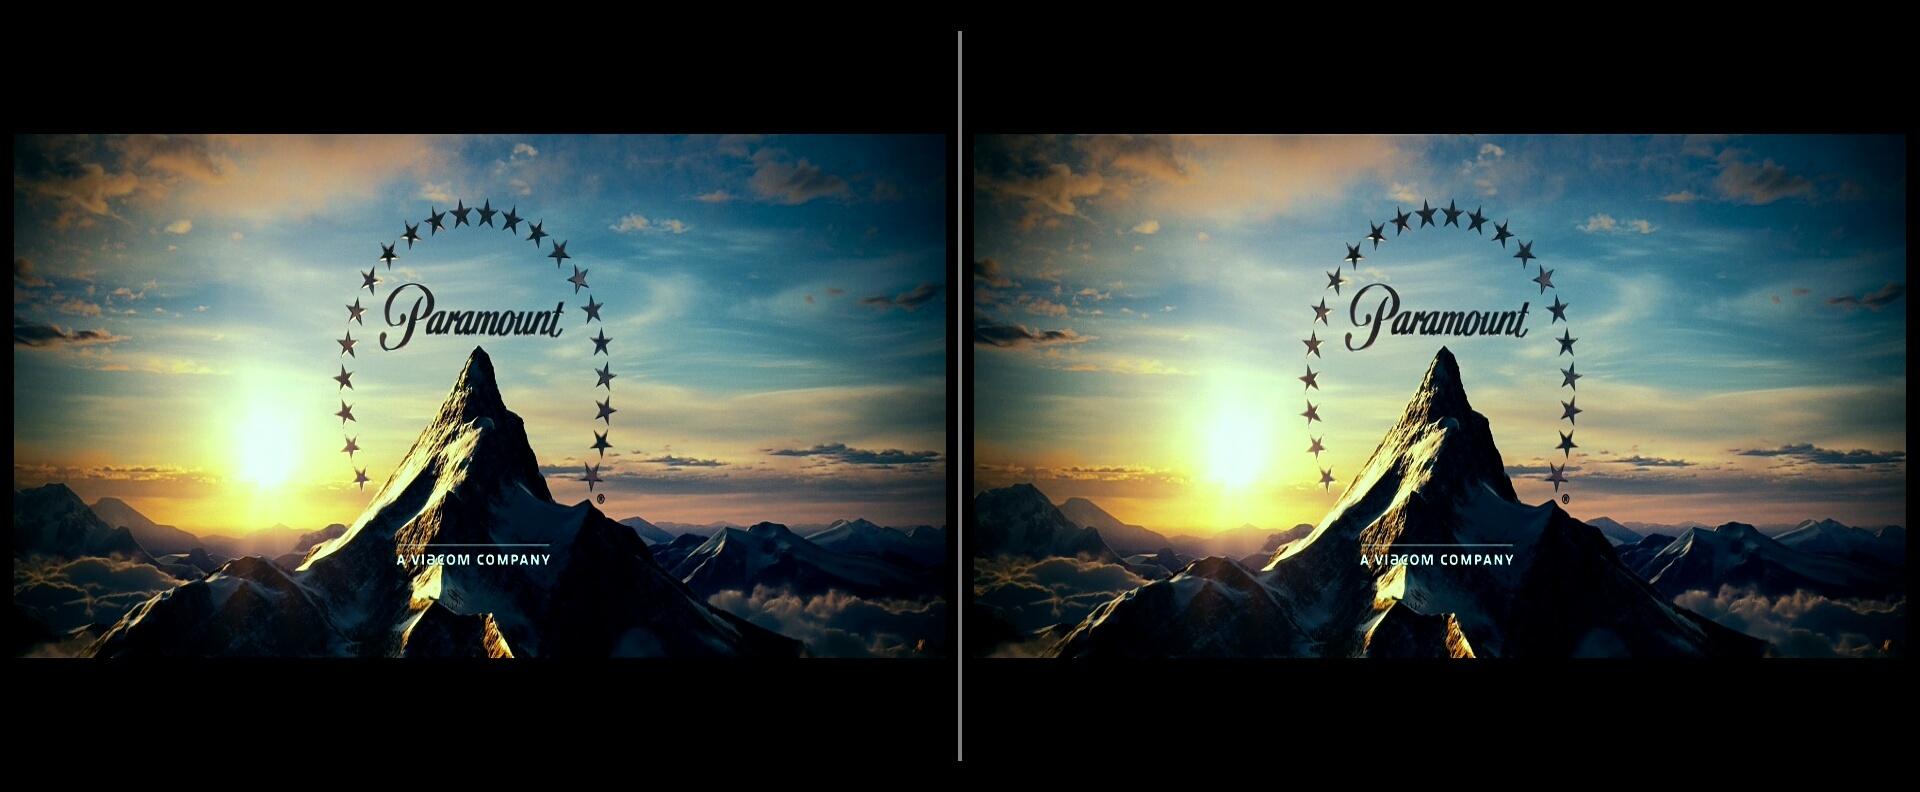 Видеоролики для очков виртуальной реальности смотреть онлайн комплект лопастей мавик с таобао